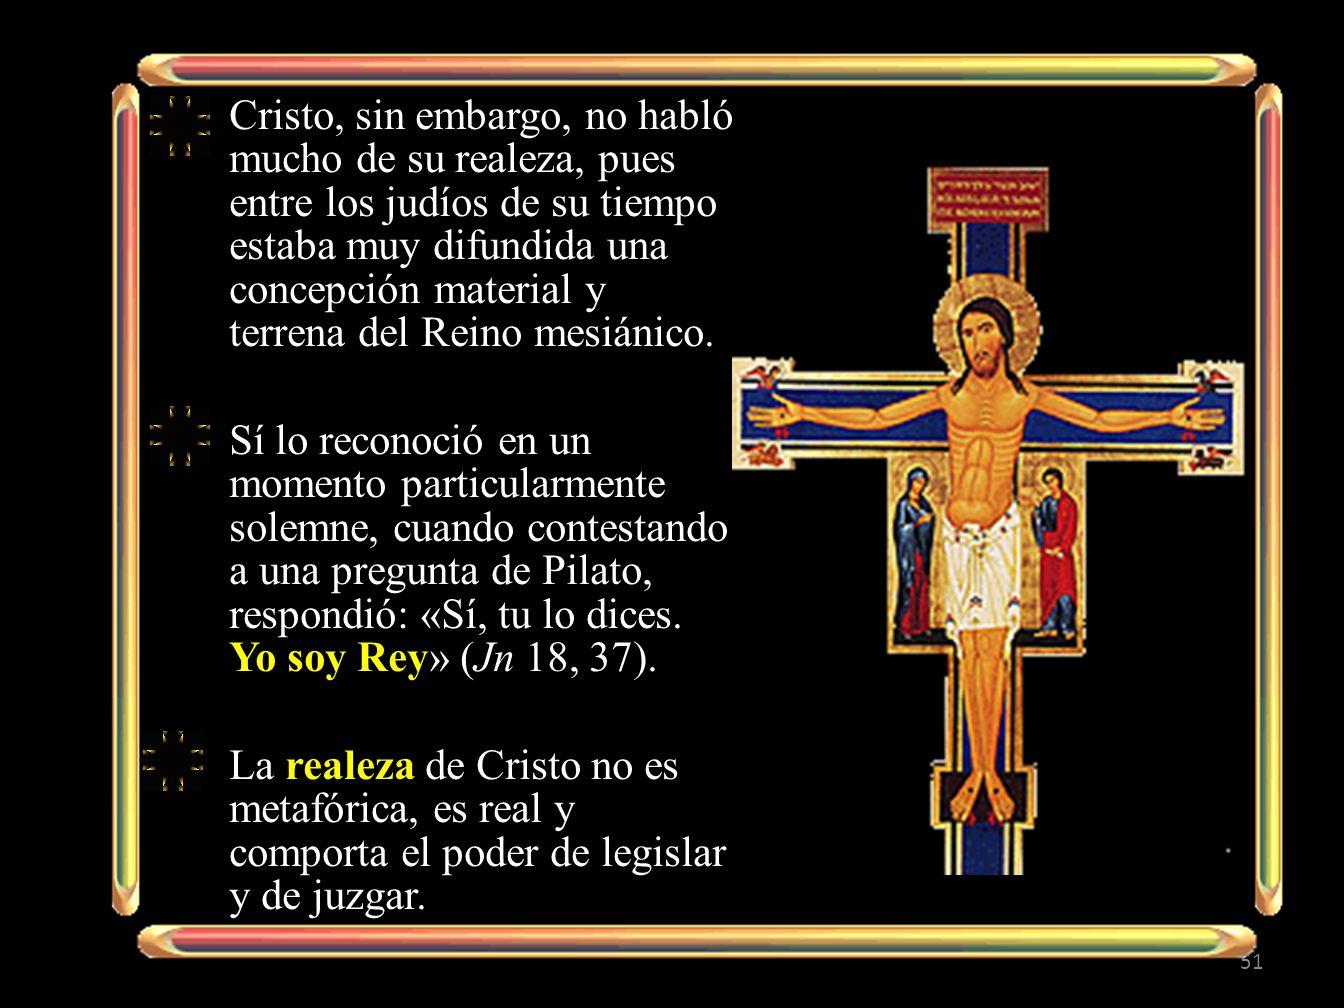 Cristo, sin embargo, no habló mucho de su realeza, pues entre los judíos de su tiempo estaba muy difundida una concepción material y terrena del Reino mesiánico.